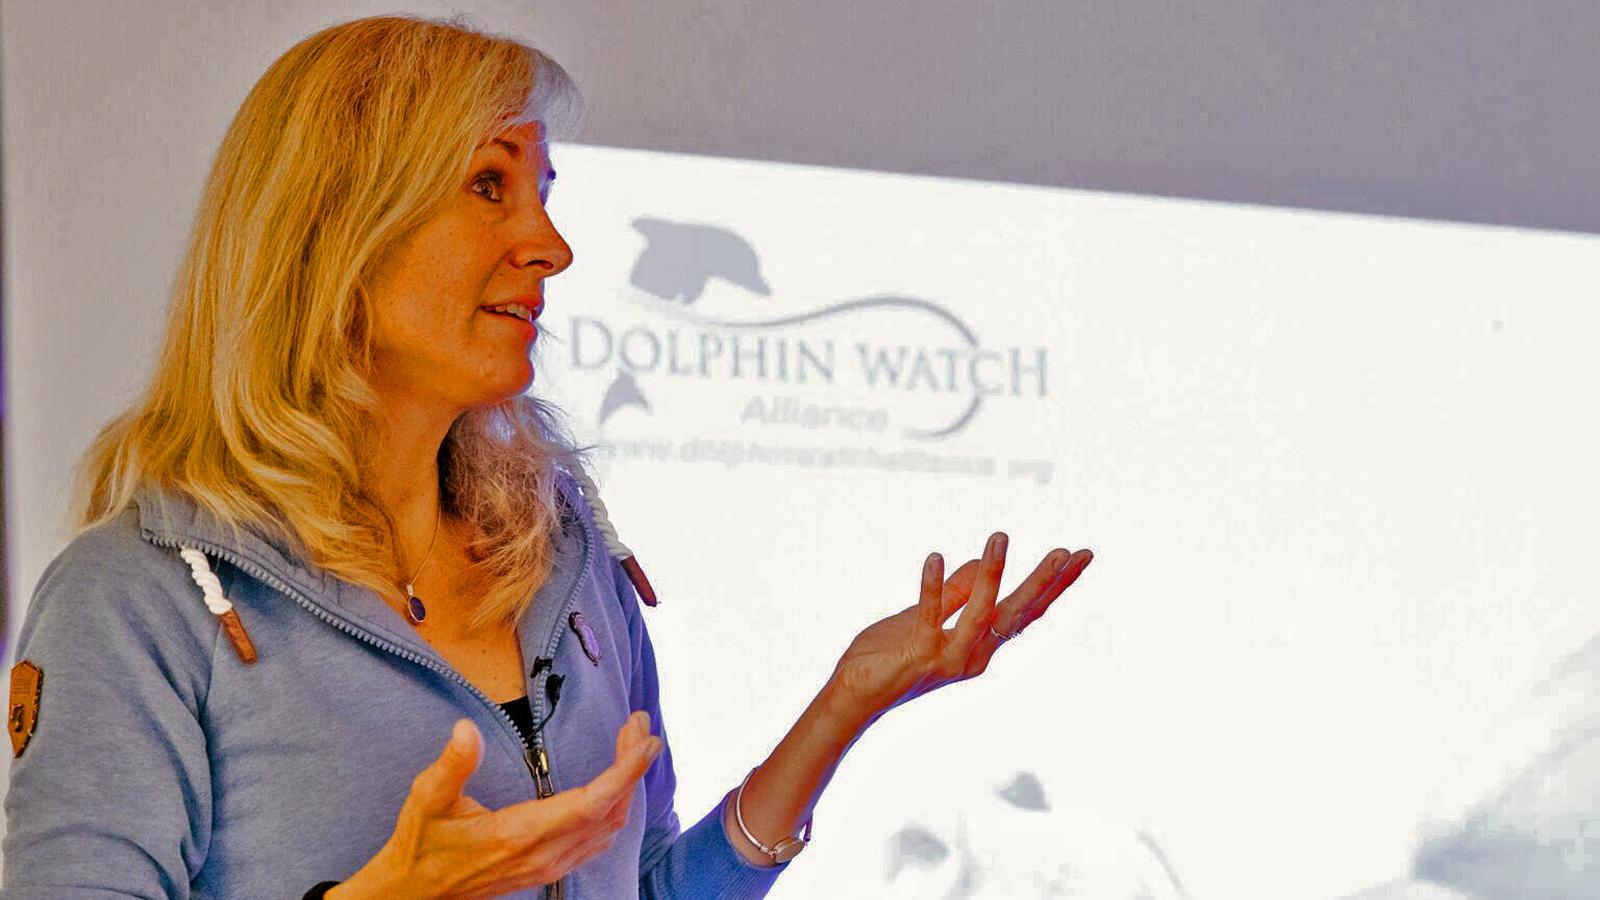 Präsentation über die Anstrengungen zum Schutz und der Erforschung der Delfine.